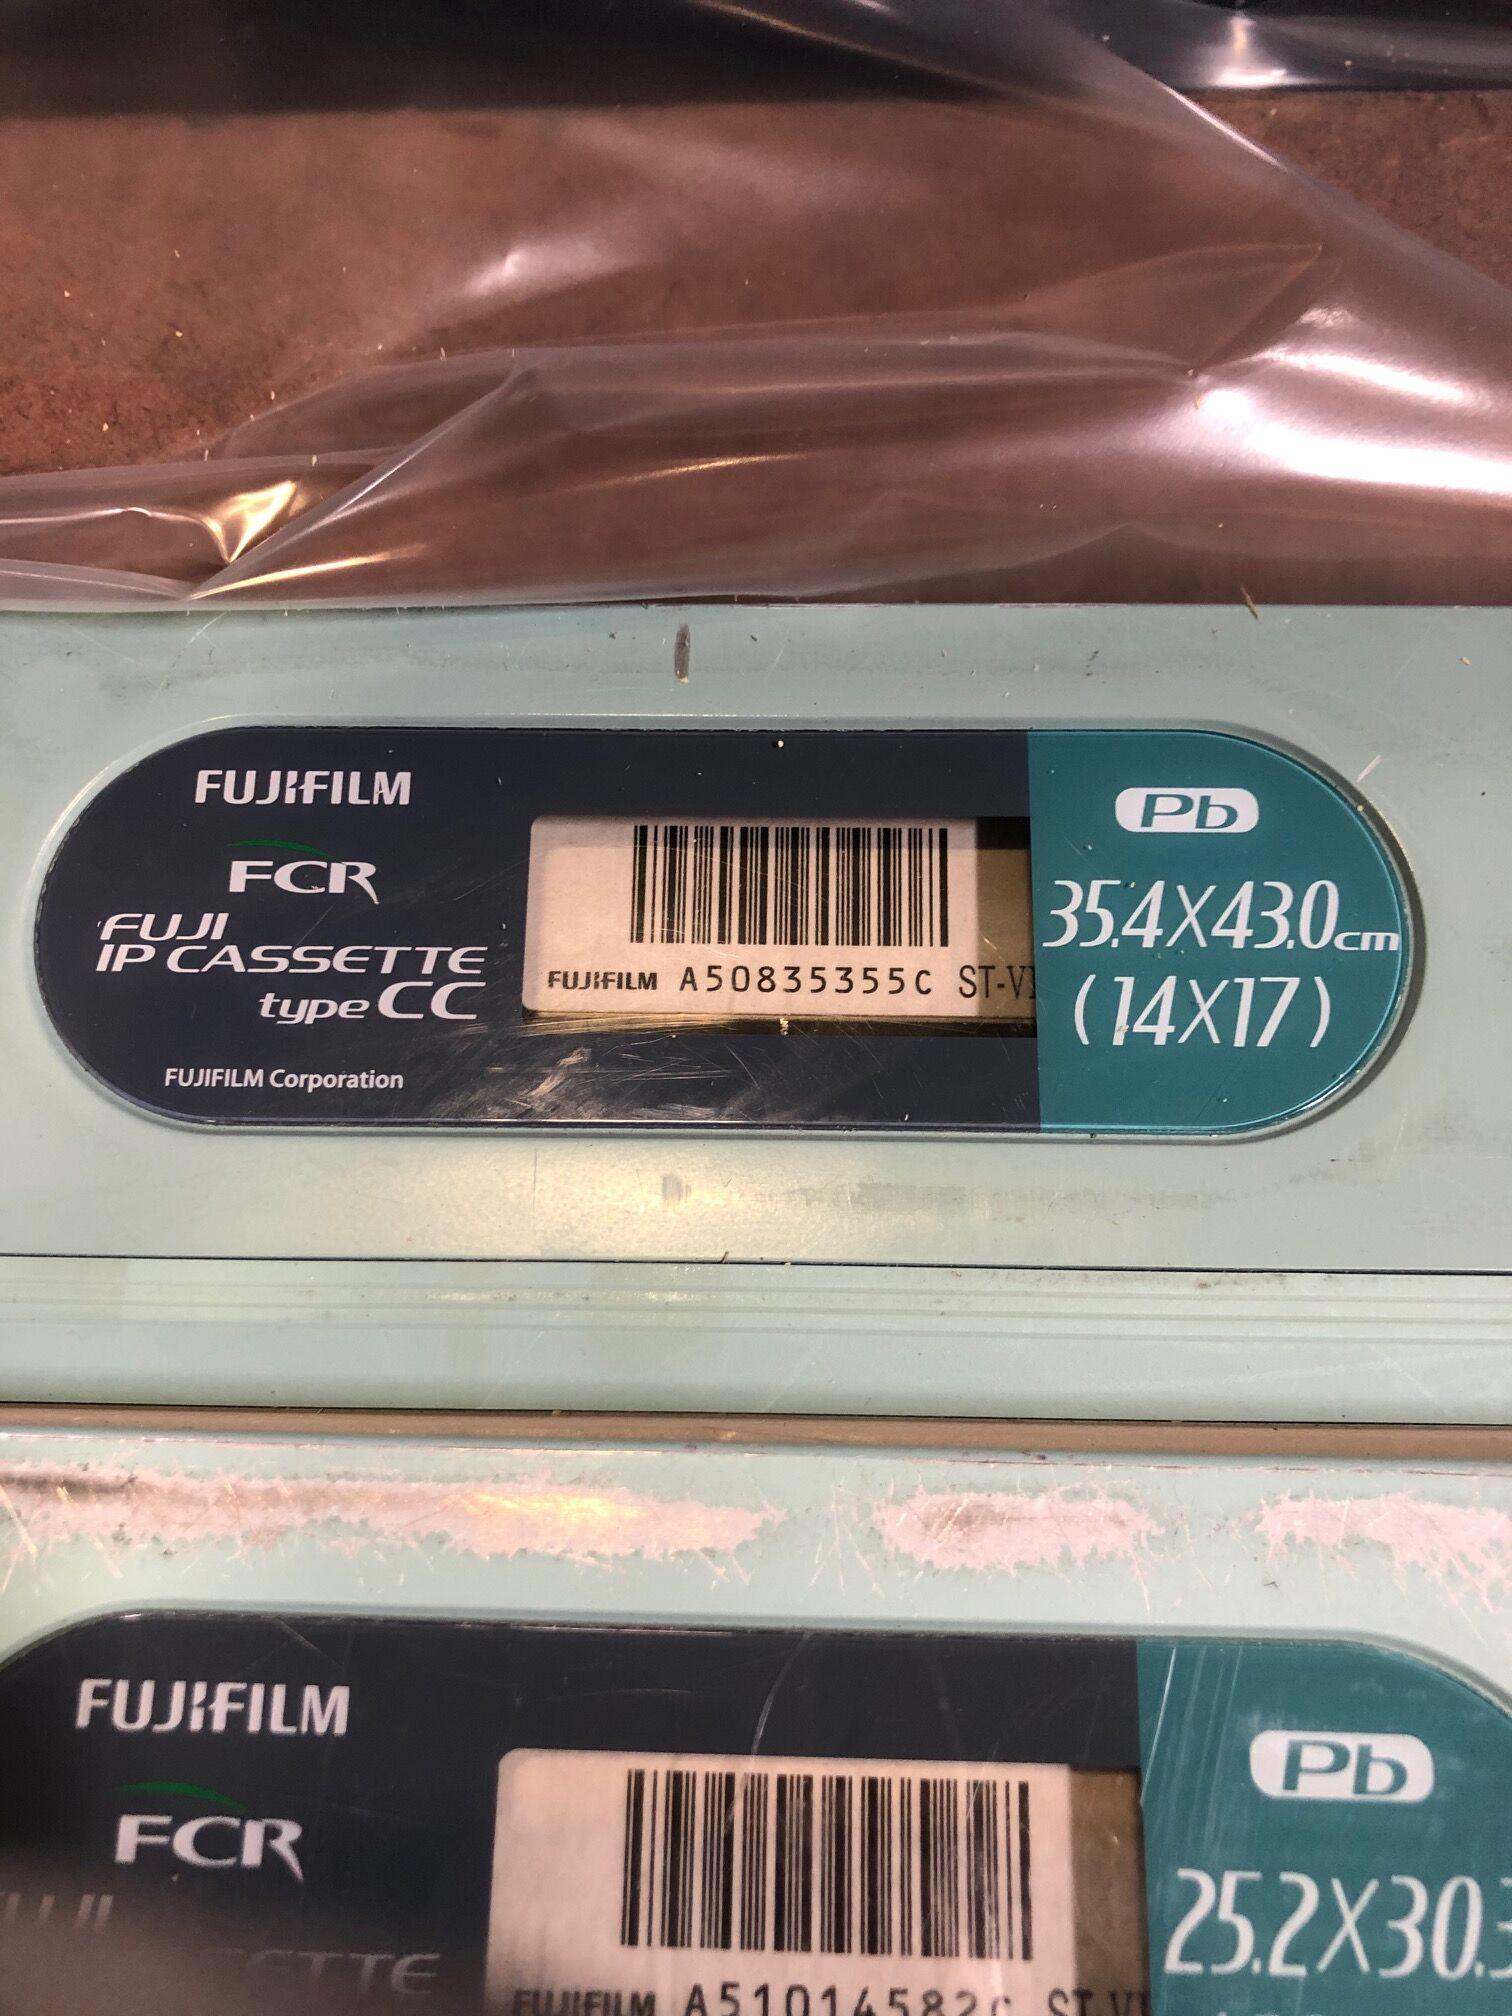 FUJIFILM XG 5000 CR